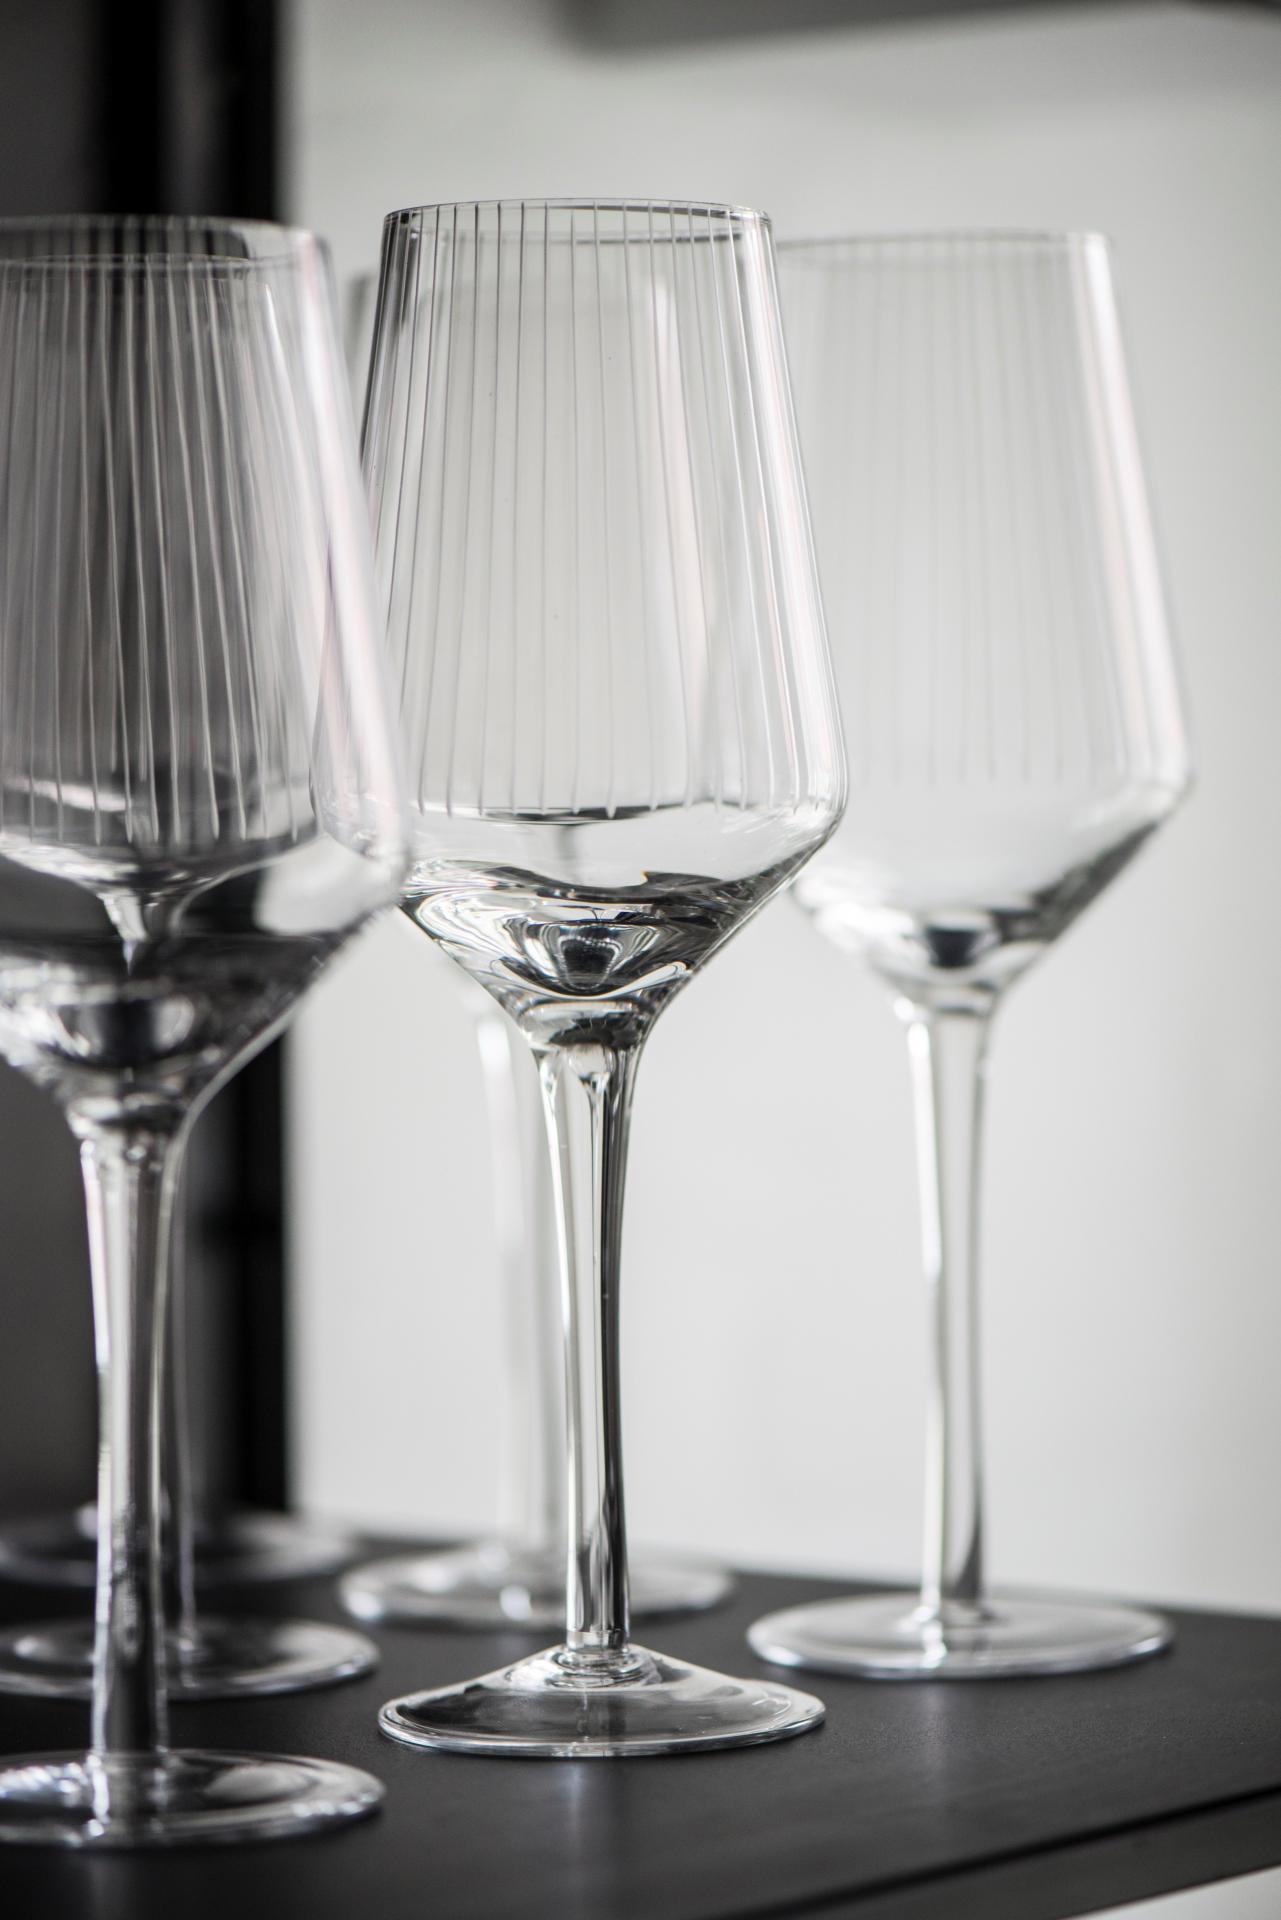 IB LAURSEN Sklenička na červené víno Vega, čirá barva, sklo